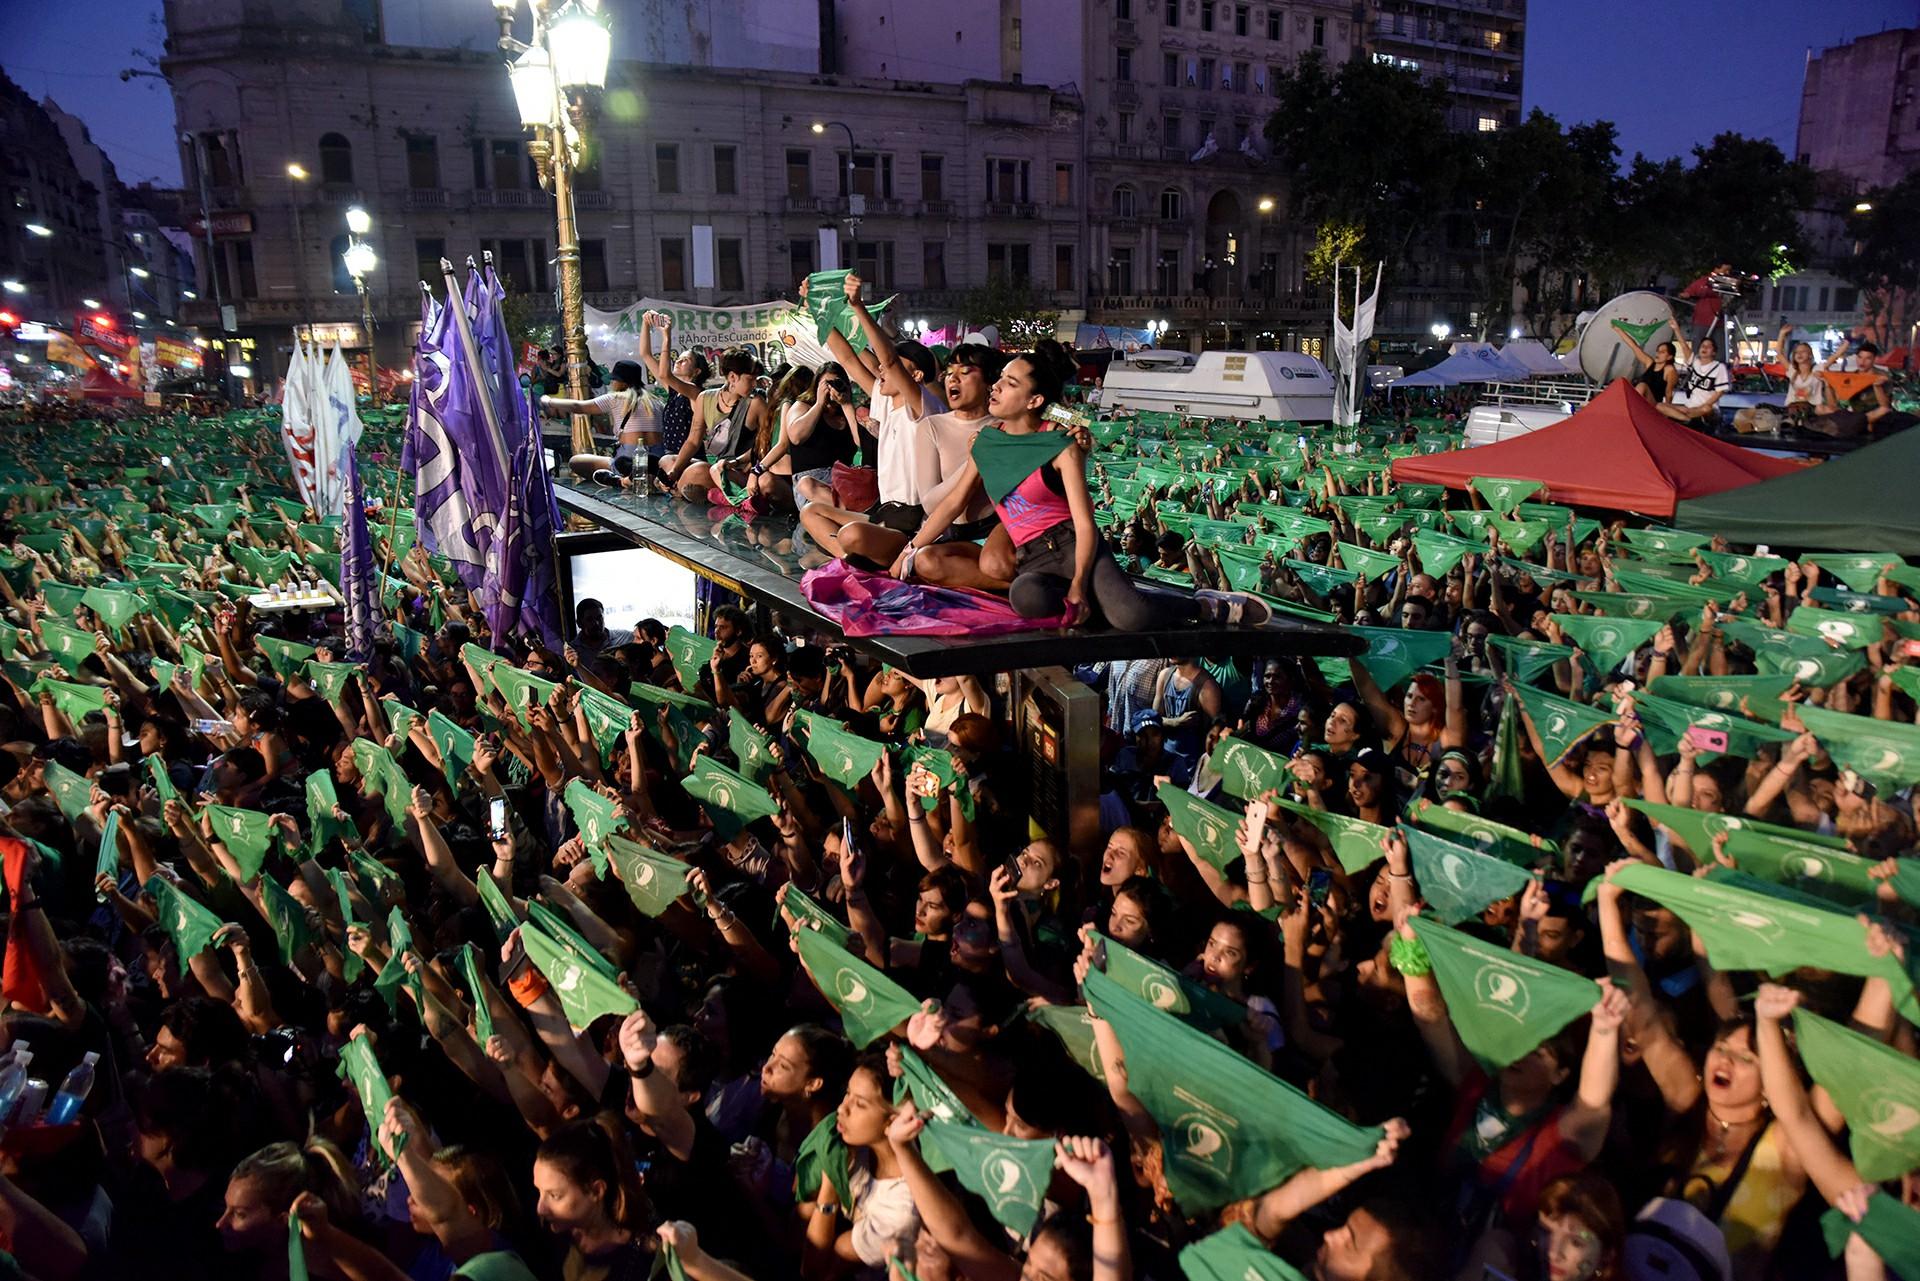 Un grupo de mujeres se subió arriba de la parada de colectivos